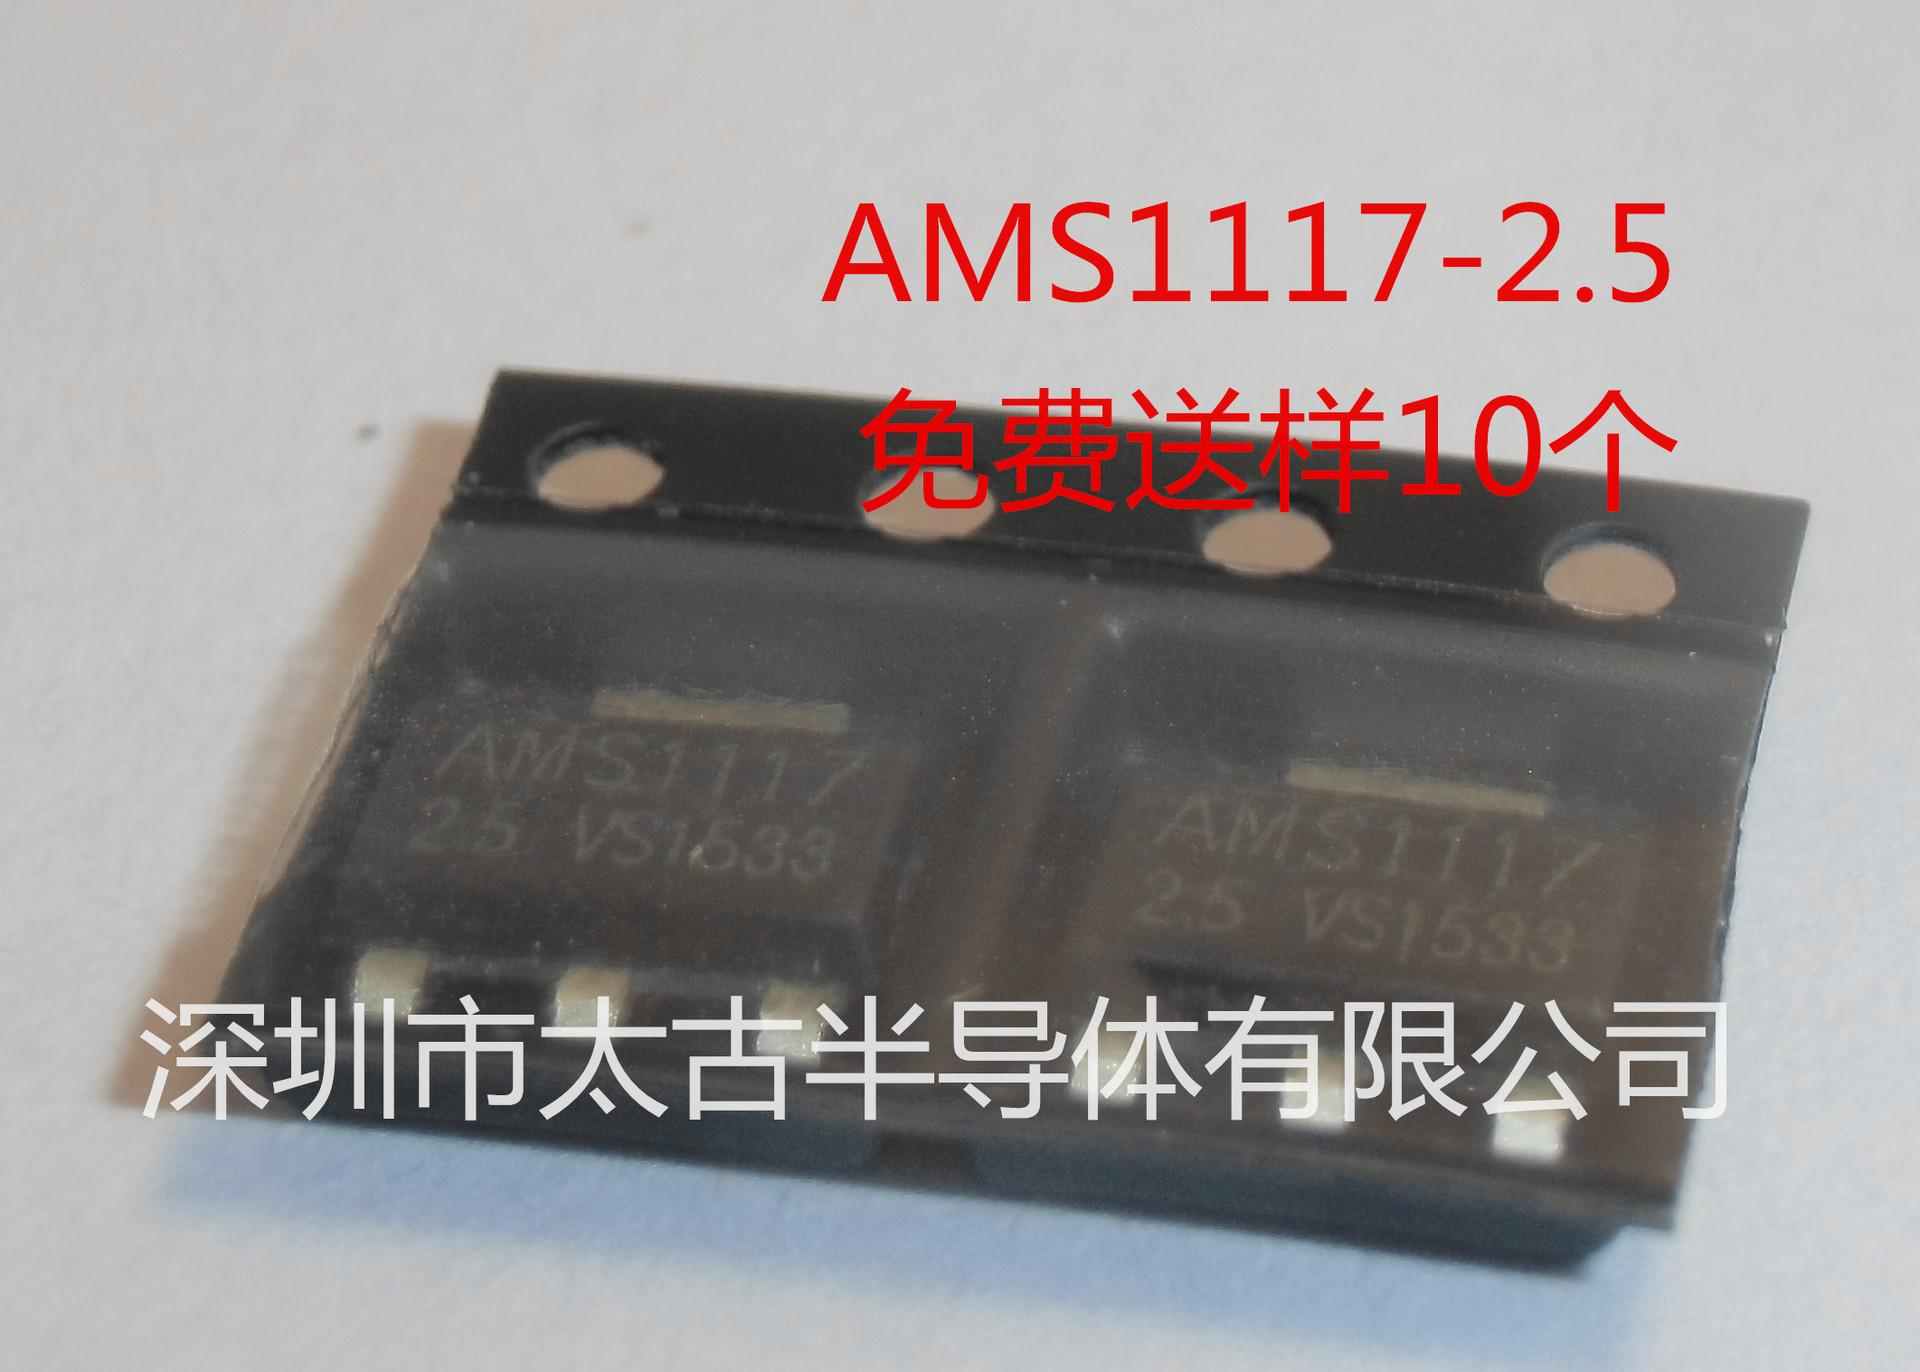 型号:LM2576HVS-ADJ 封装:TO-263 本产品为全新现货,品质保证,价格优势 厂家直销,自产自销,品质+诚信,只做最好的I C            *主营系列产品 电源稳压LDO:AMS1117-1.2/1.5/1.8/2.5/3.3/5.0/ADJ(SOT-223/SOT-89/TO-252) 电源管理IC: OB2263MP HT71** HT75** 锂电池保护IC:TP4054 DW01A 8205A 音频功放IC:8002A/B LM4871 LM386 T